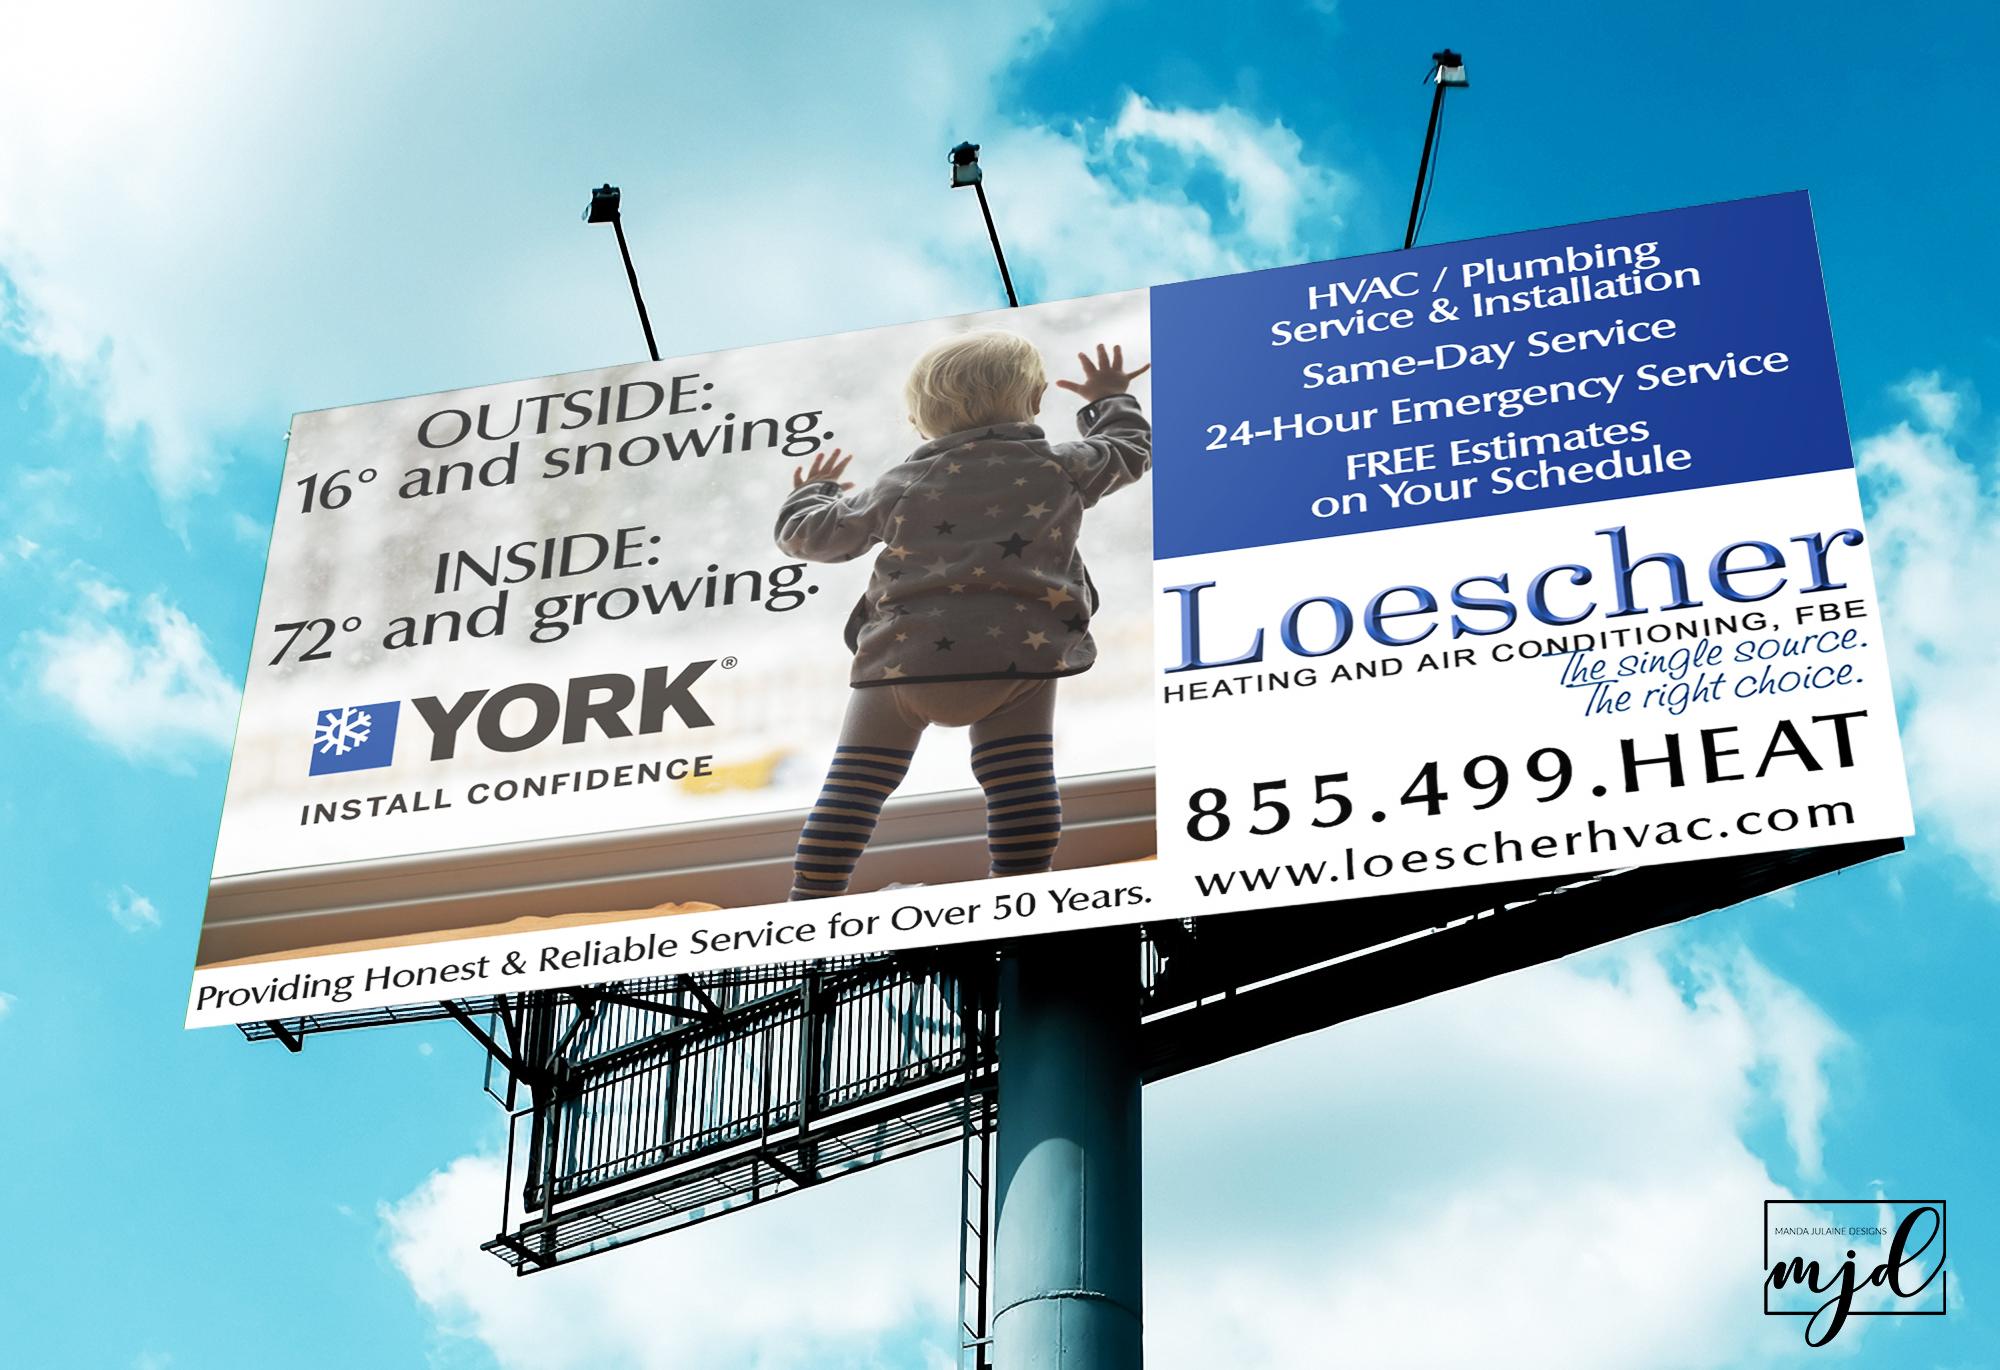 Loescher_BillboardMockup1_RFSterDix.jpg